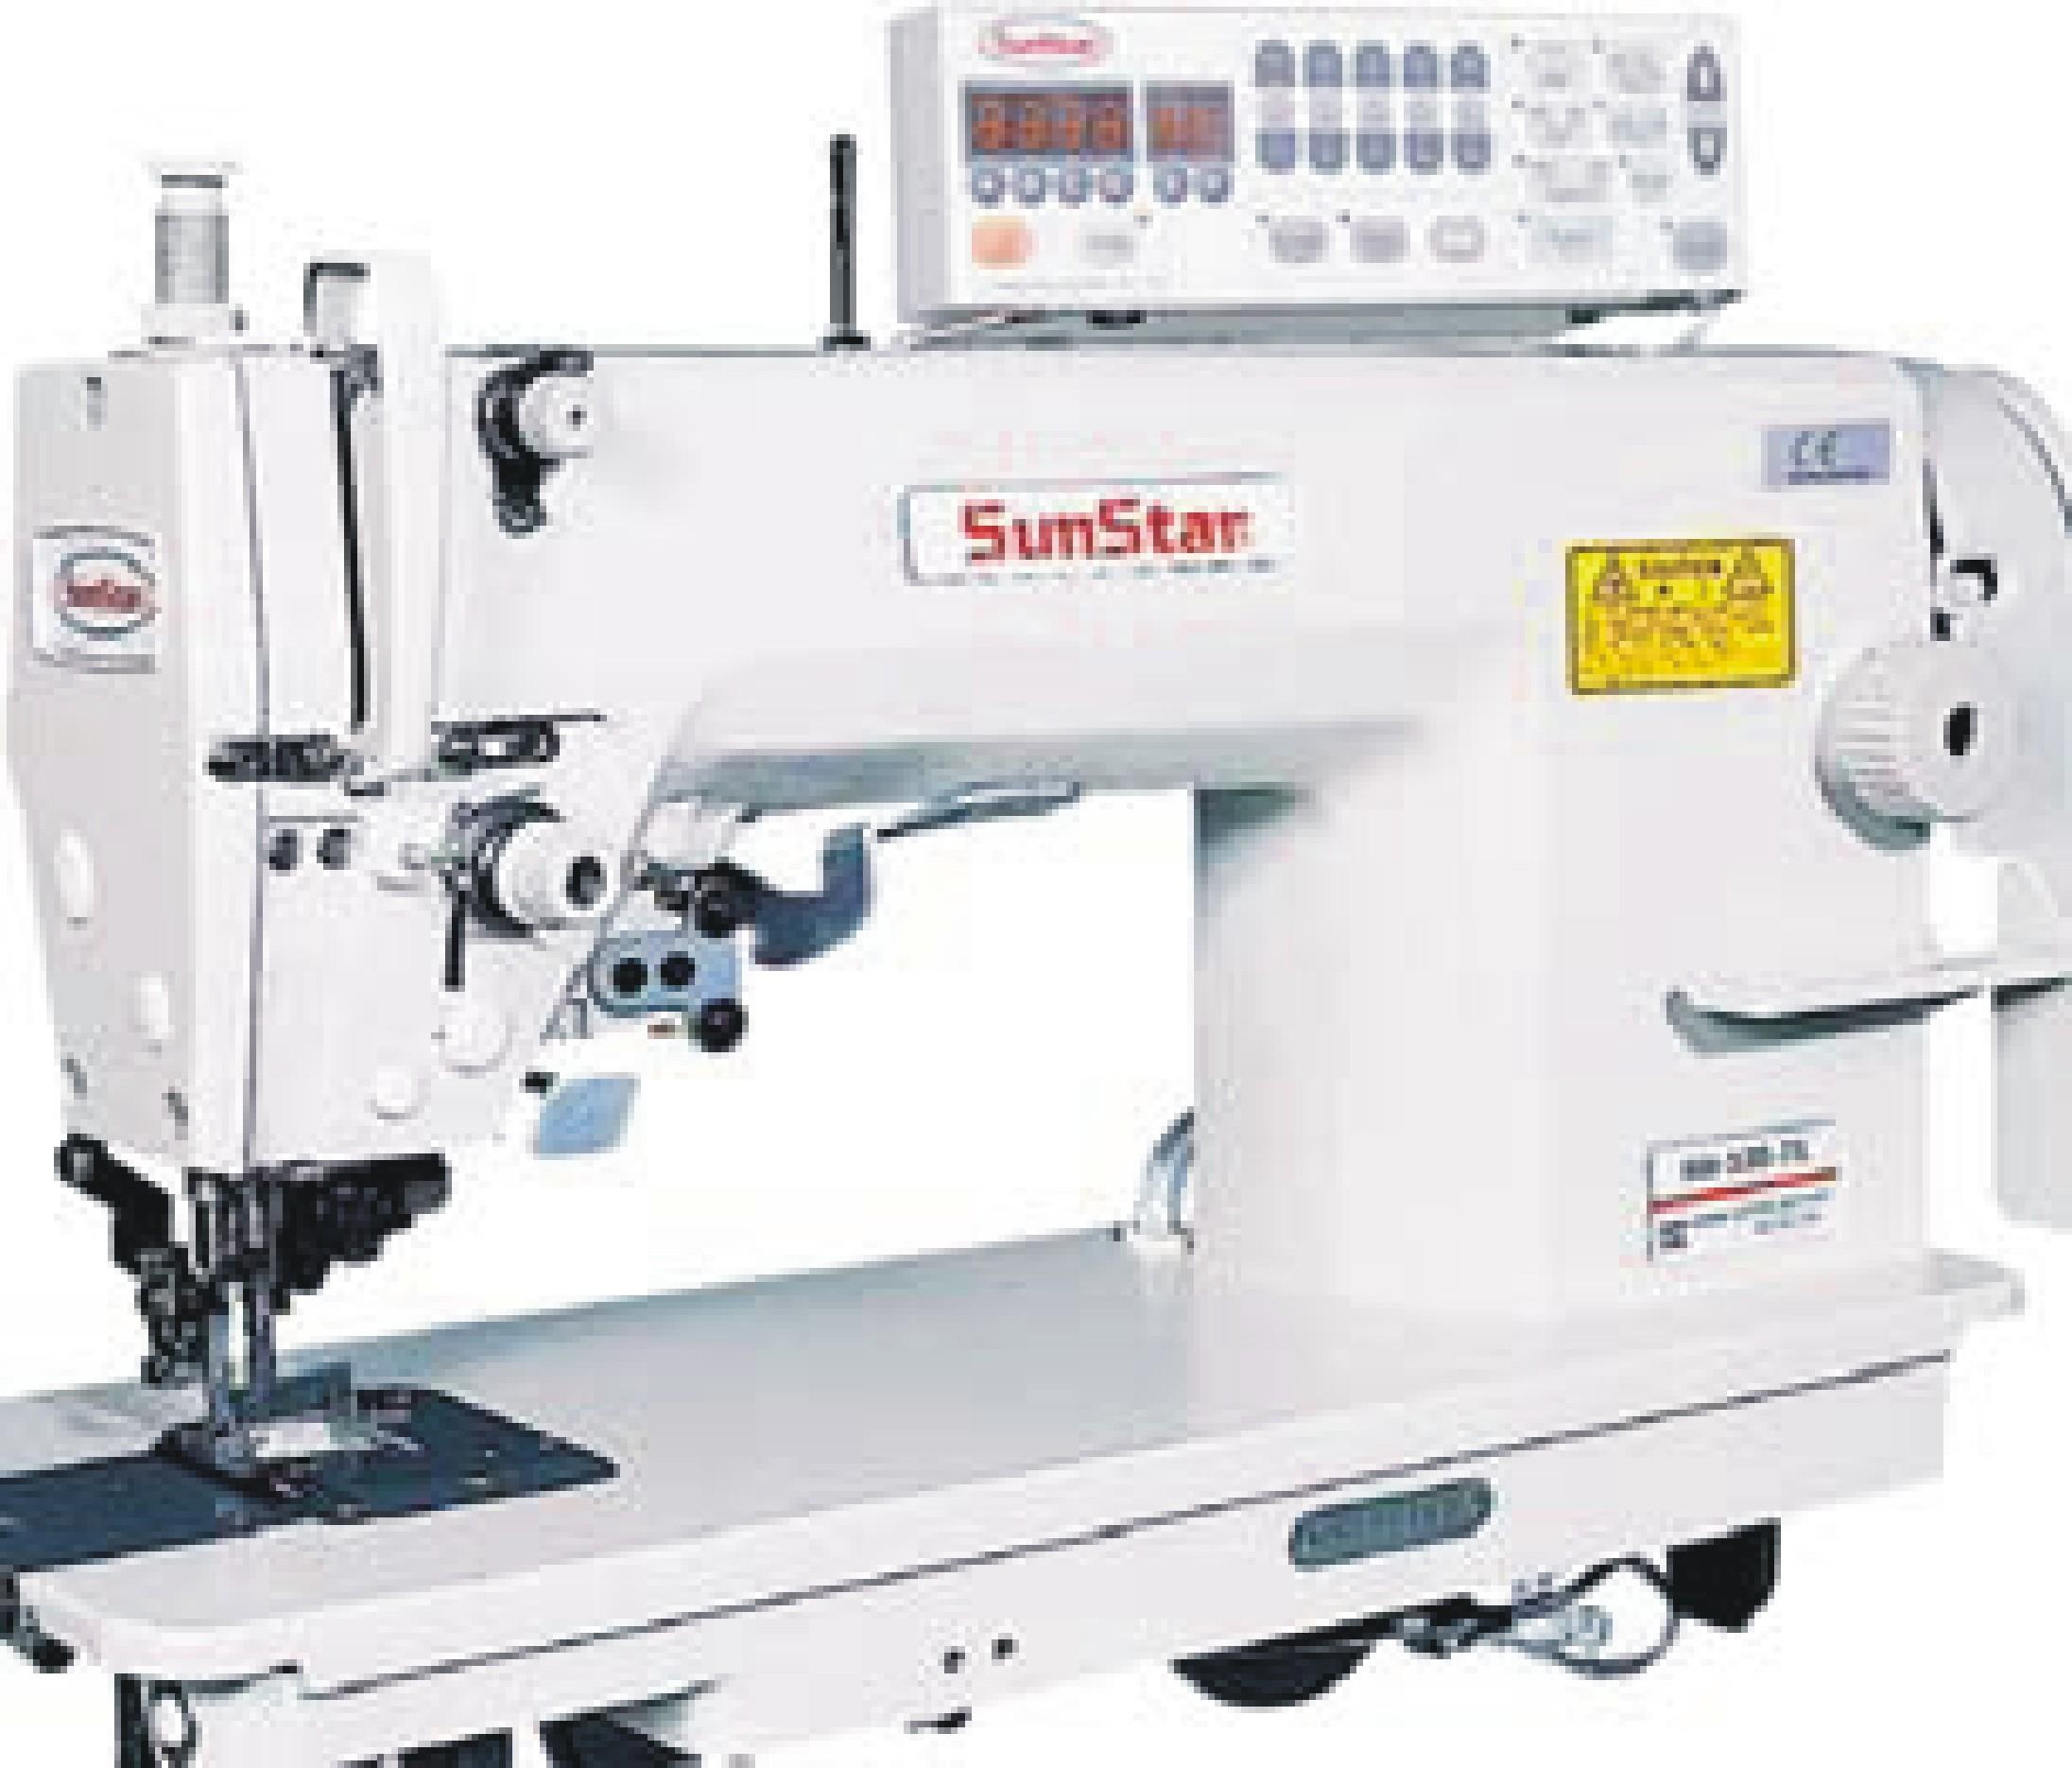 Maquina de coser buscar: Maquinas de coser industriales